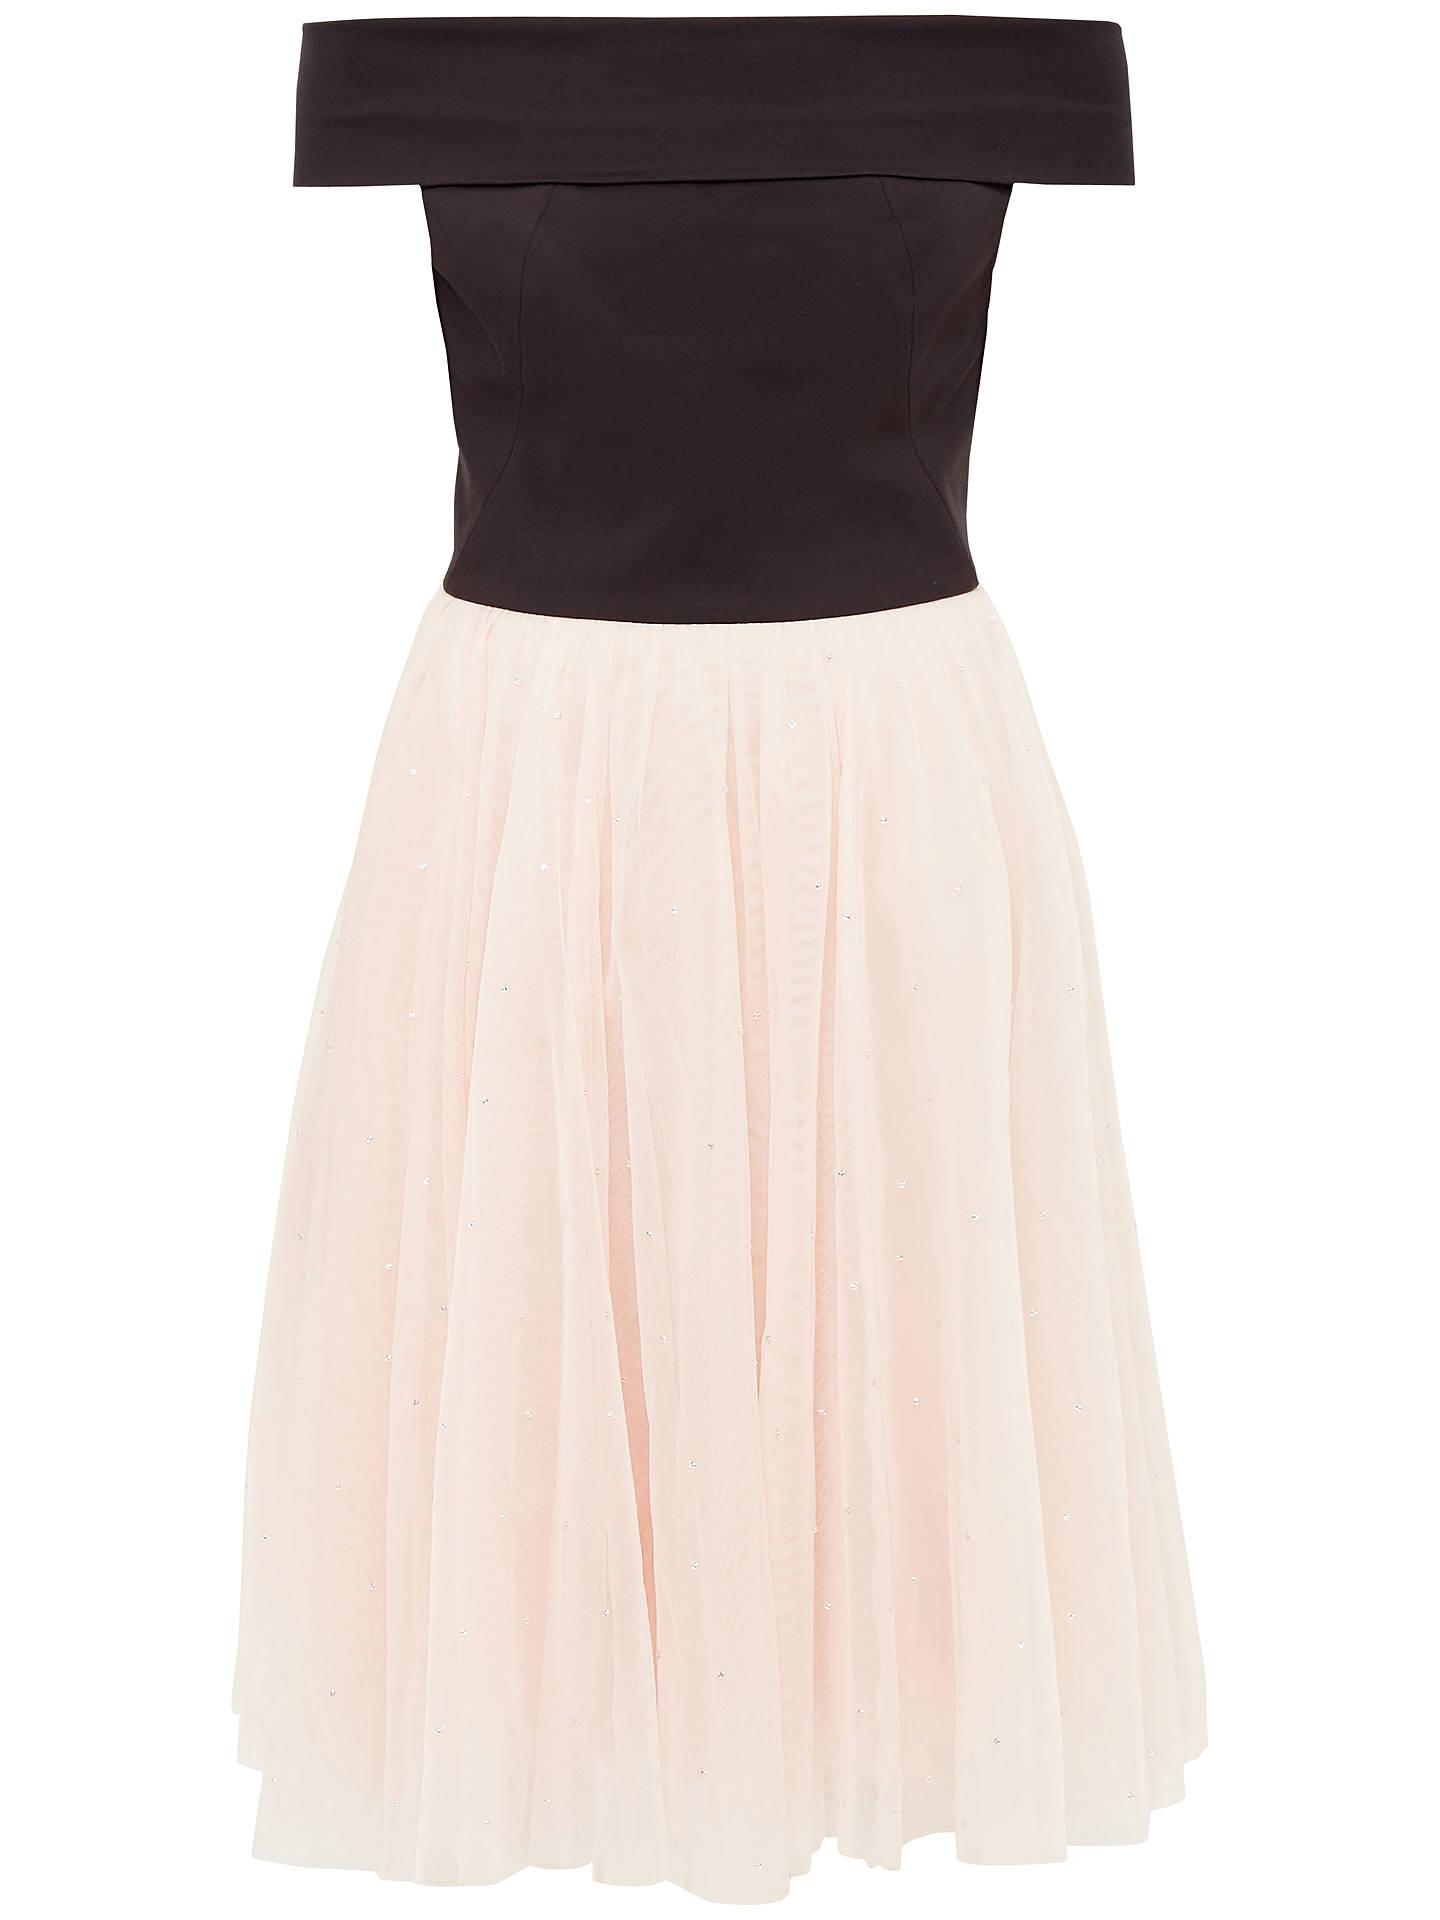 cd0ceda1af Buy Ted Baker Prinsie Bardot Tutu Dress, Black, 0 Online at johnlewis.com  ...